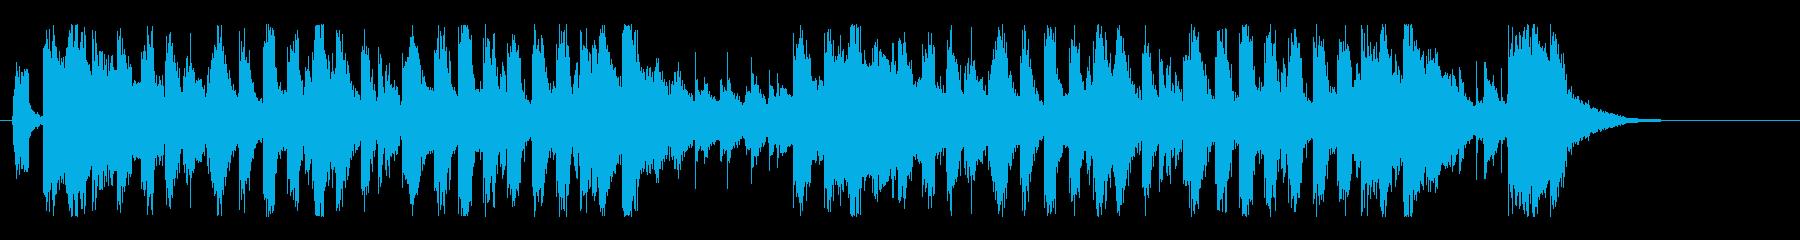 グルーヴィ&ジャジーなビッグバンドロゴ!の再生済みの波形